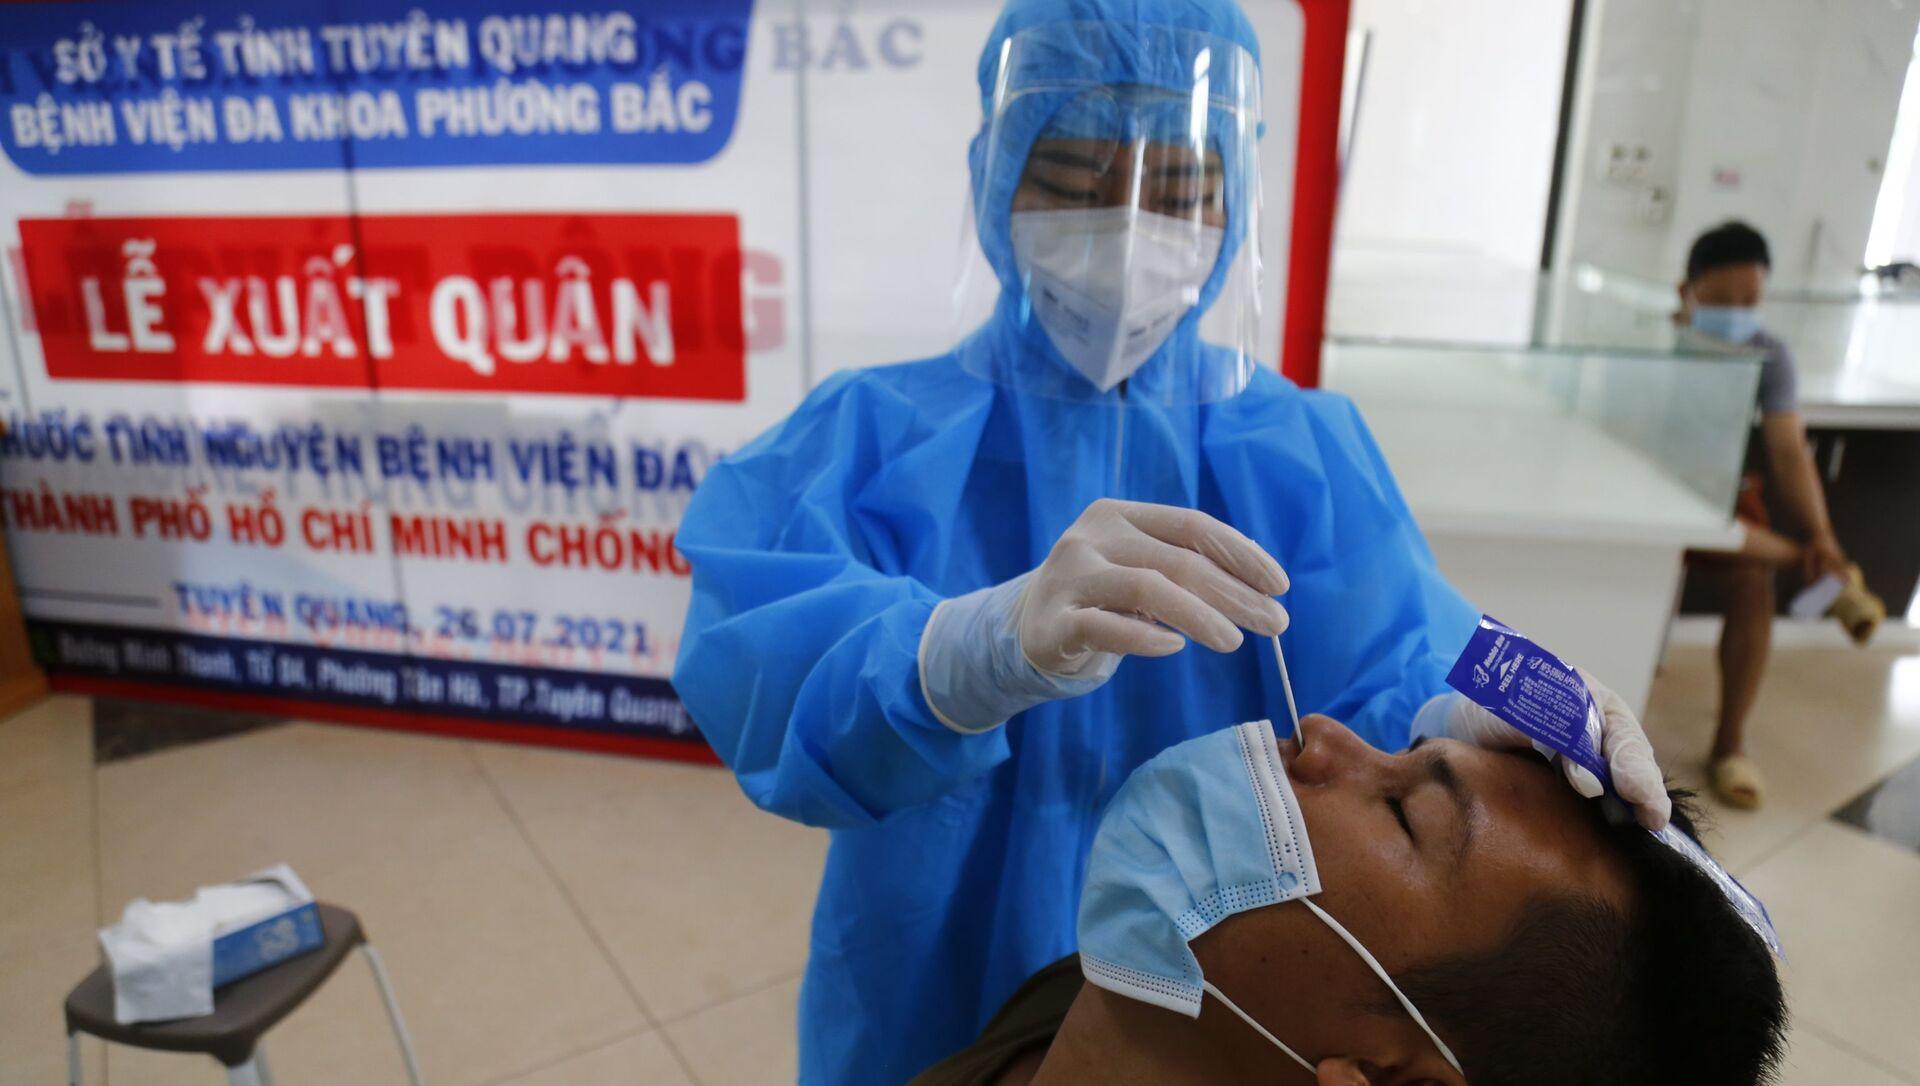 Lấy mẫu xét nghiệm virus SARS-CoV-2 cho người dân có nhu cầu. - Sputnik Việt Nam, 1920, 09.08.2021